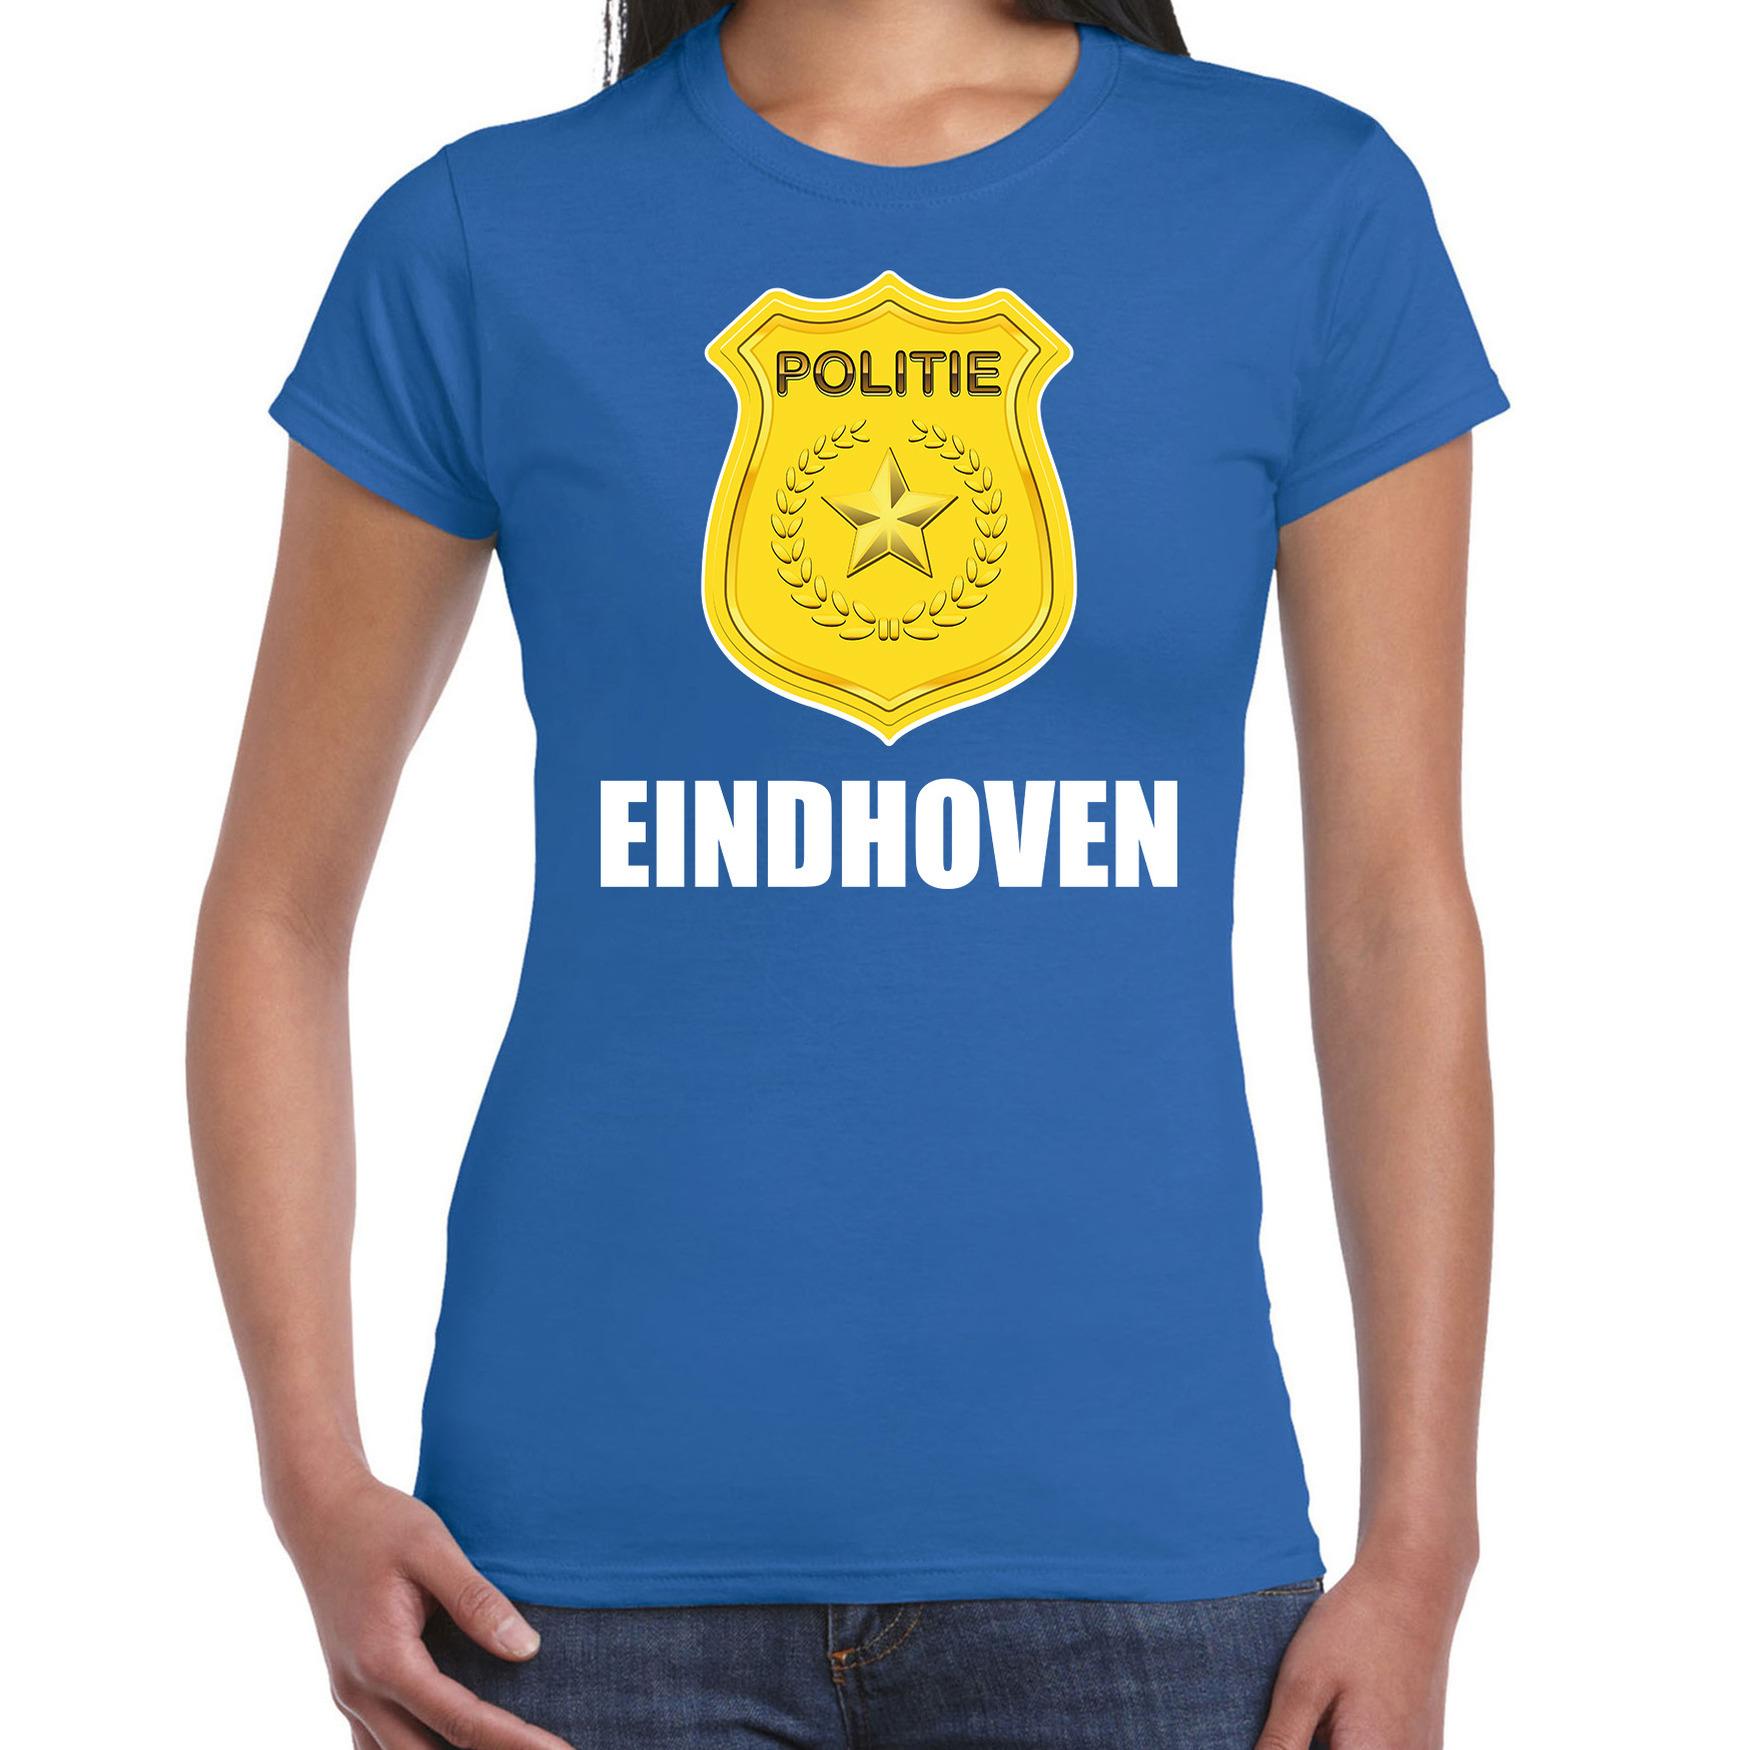 Politie embleem Eindhoven carnaval verkleed t-shirt blauw voor dames